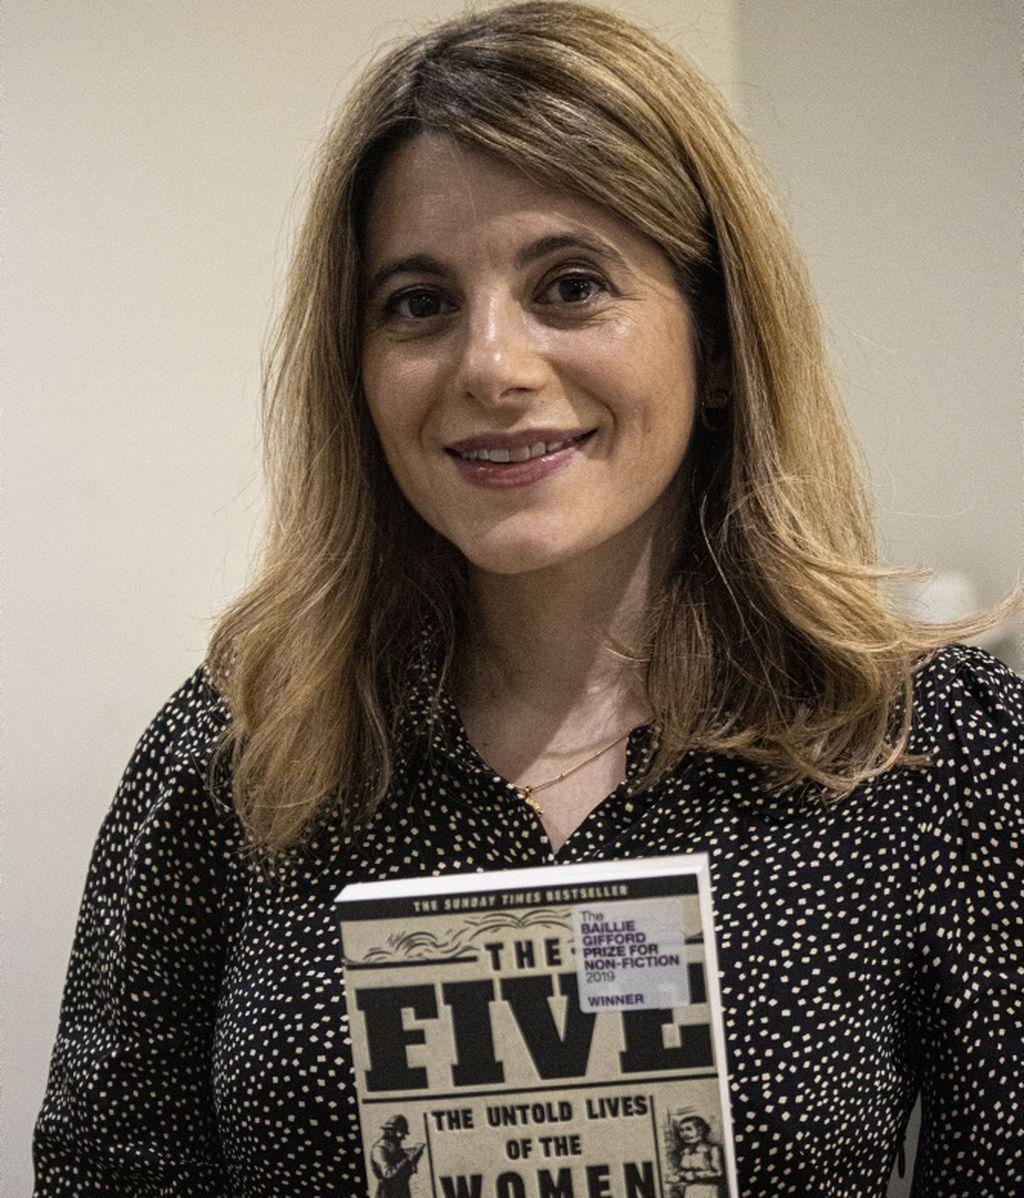 La verdad sobre las cinco mujeres asesinadas por Jack el Destripador